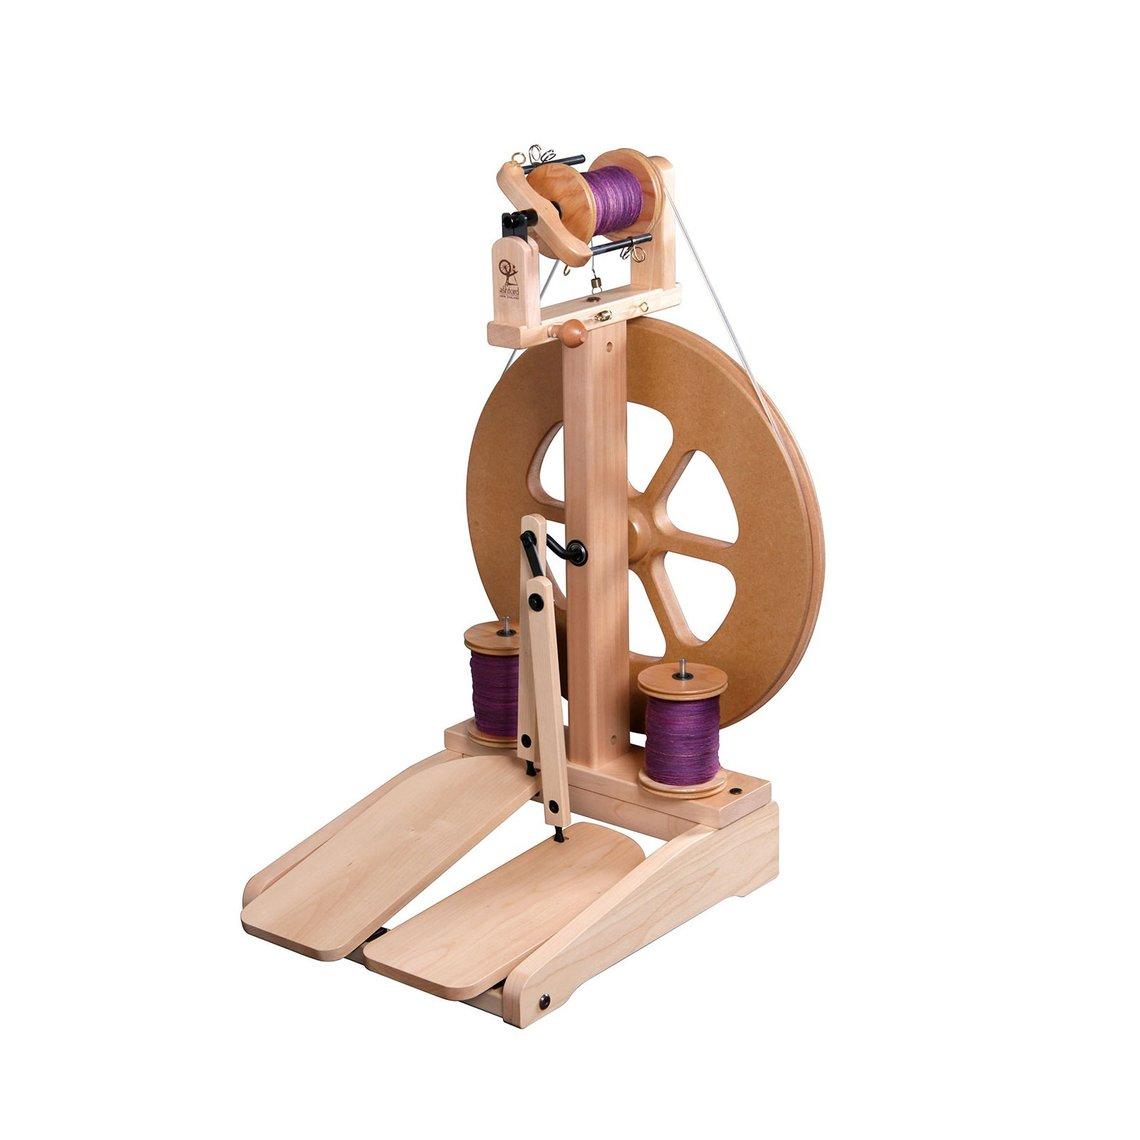 Kiwi 2 Spinning Wheel.jpg